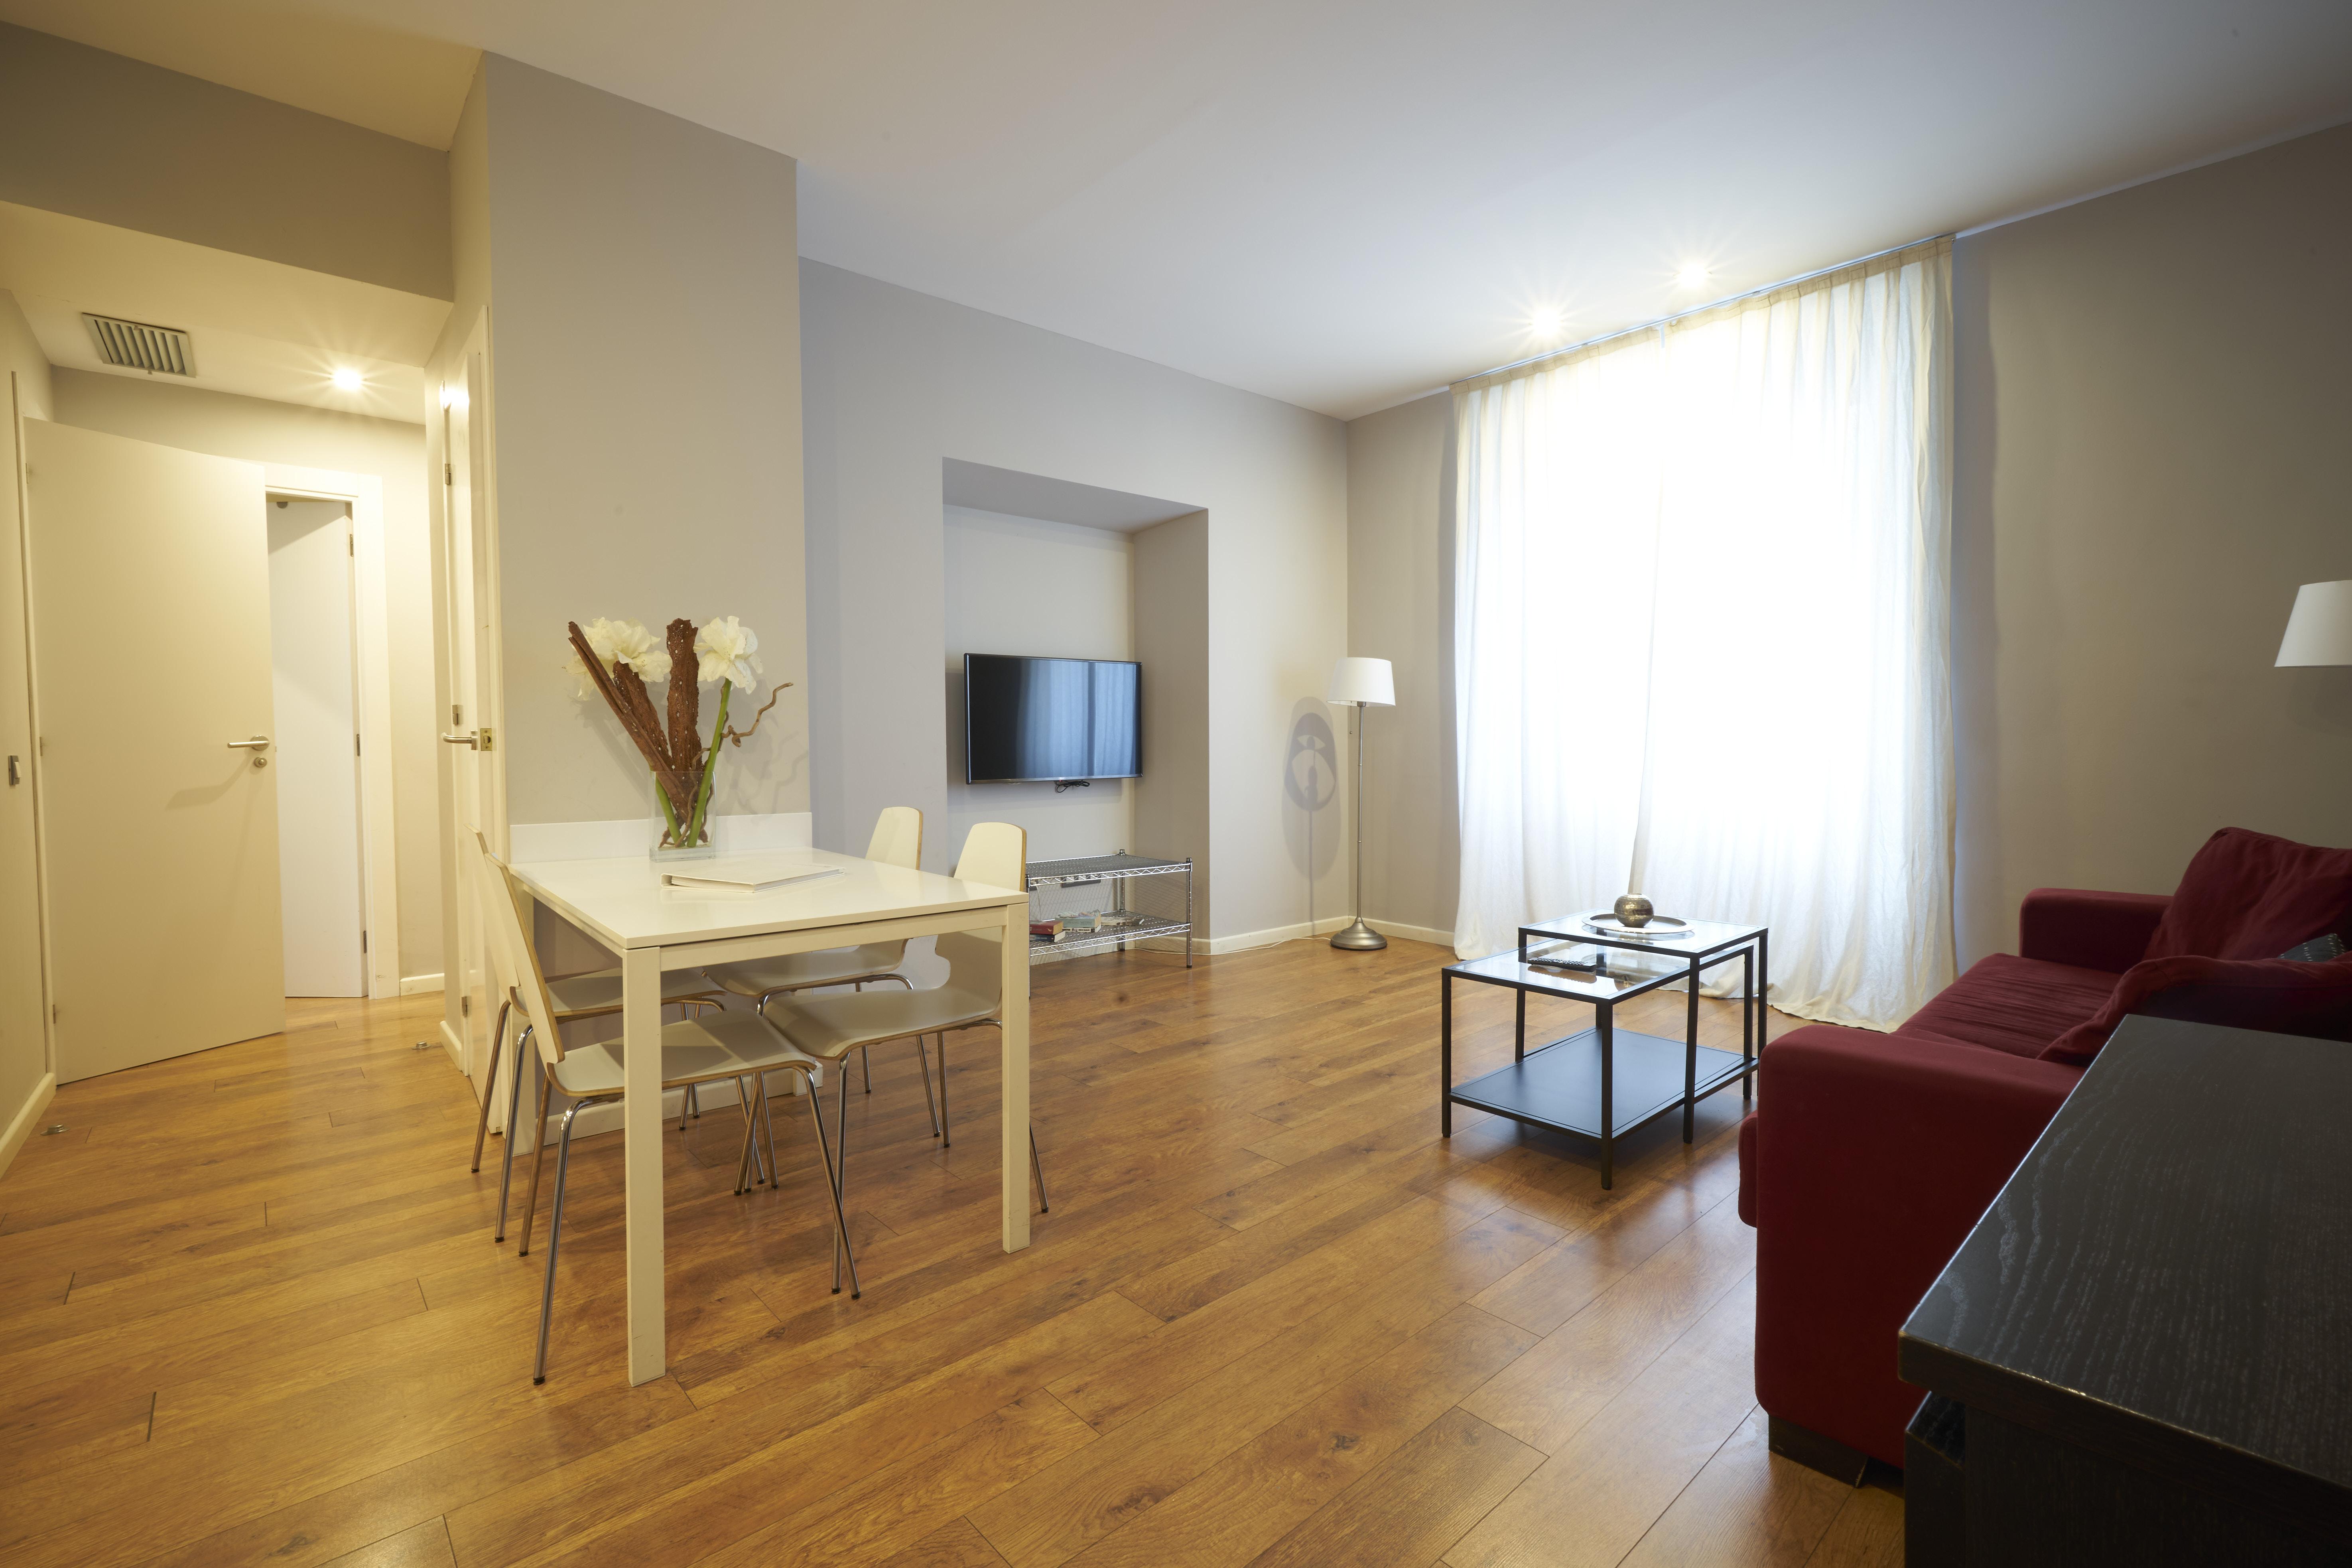 Alquiler de Temporada Piso  Carrer de bonavista. Elegante apartamento de 2 habitaciones a pocos metros del paseo